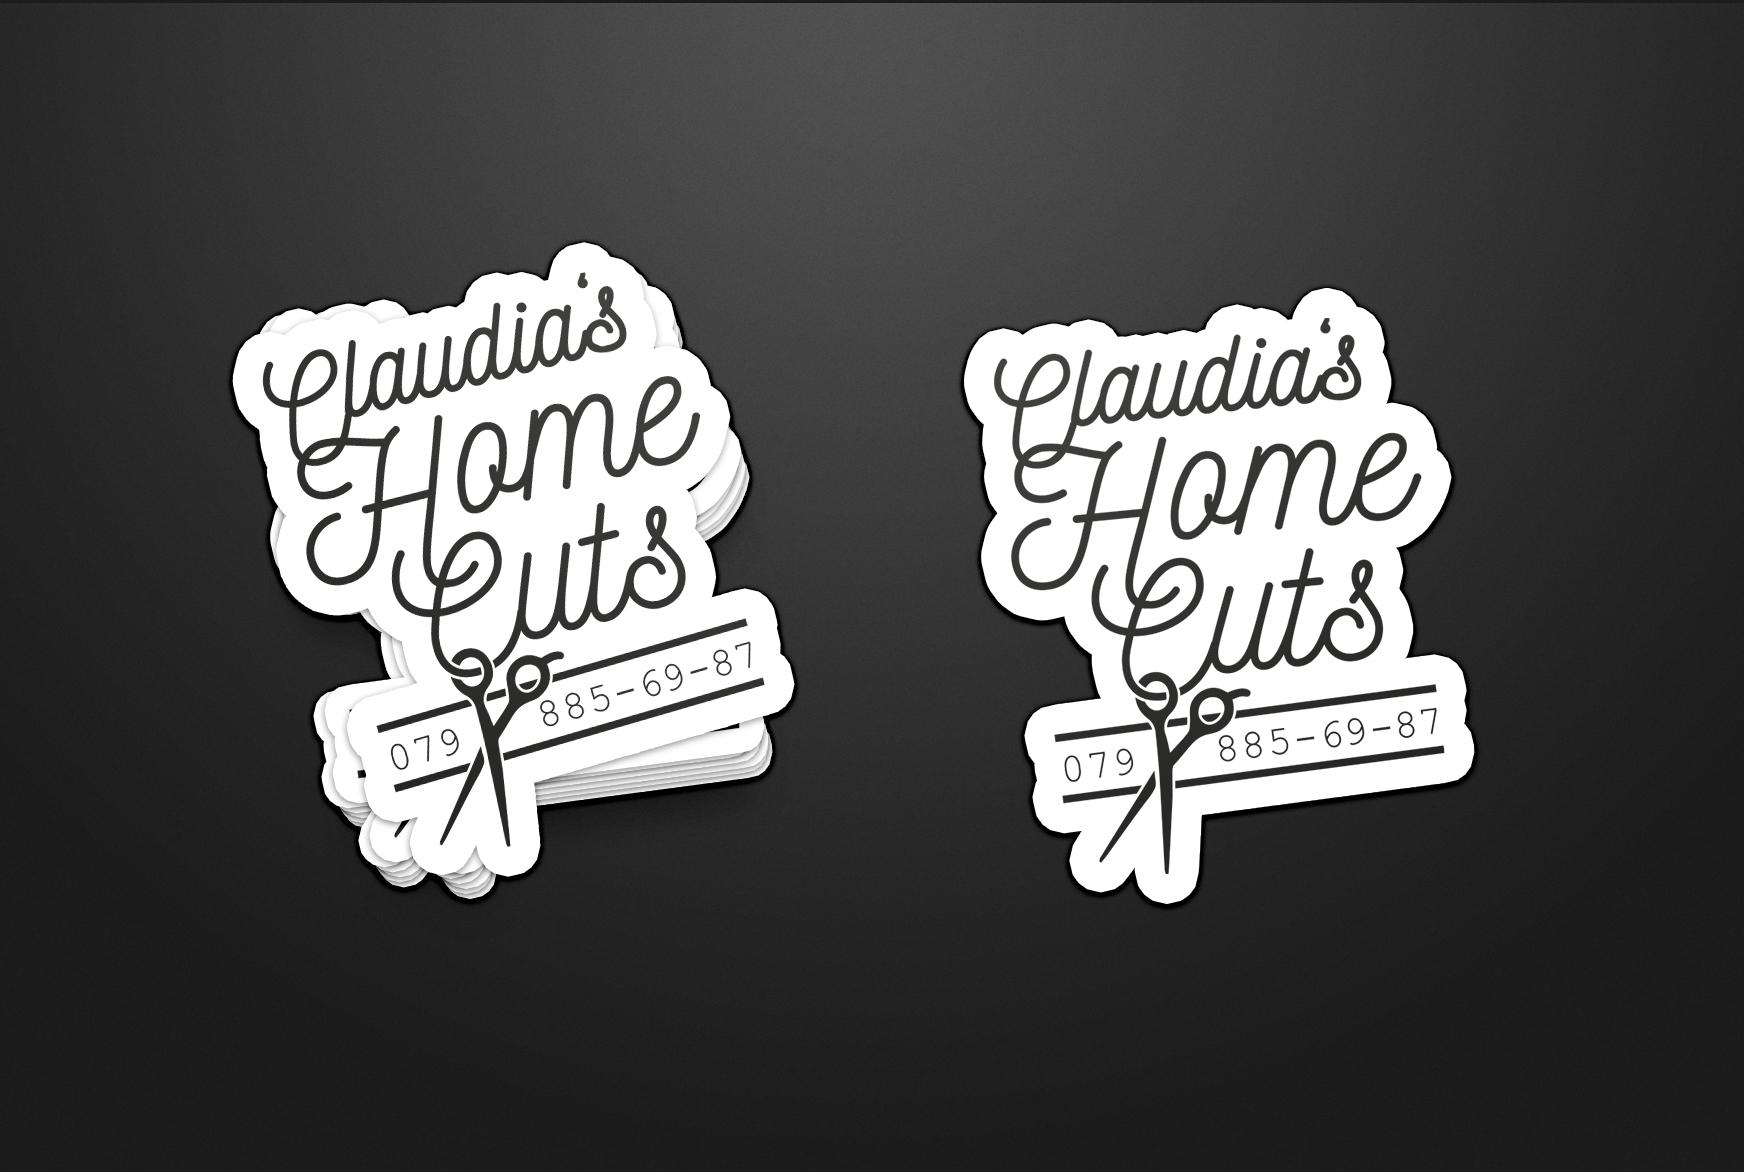 Home_Cuts_claudia_logo_design_sticker.jpg